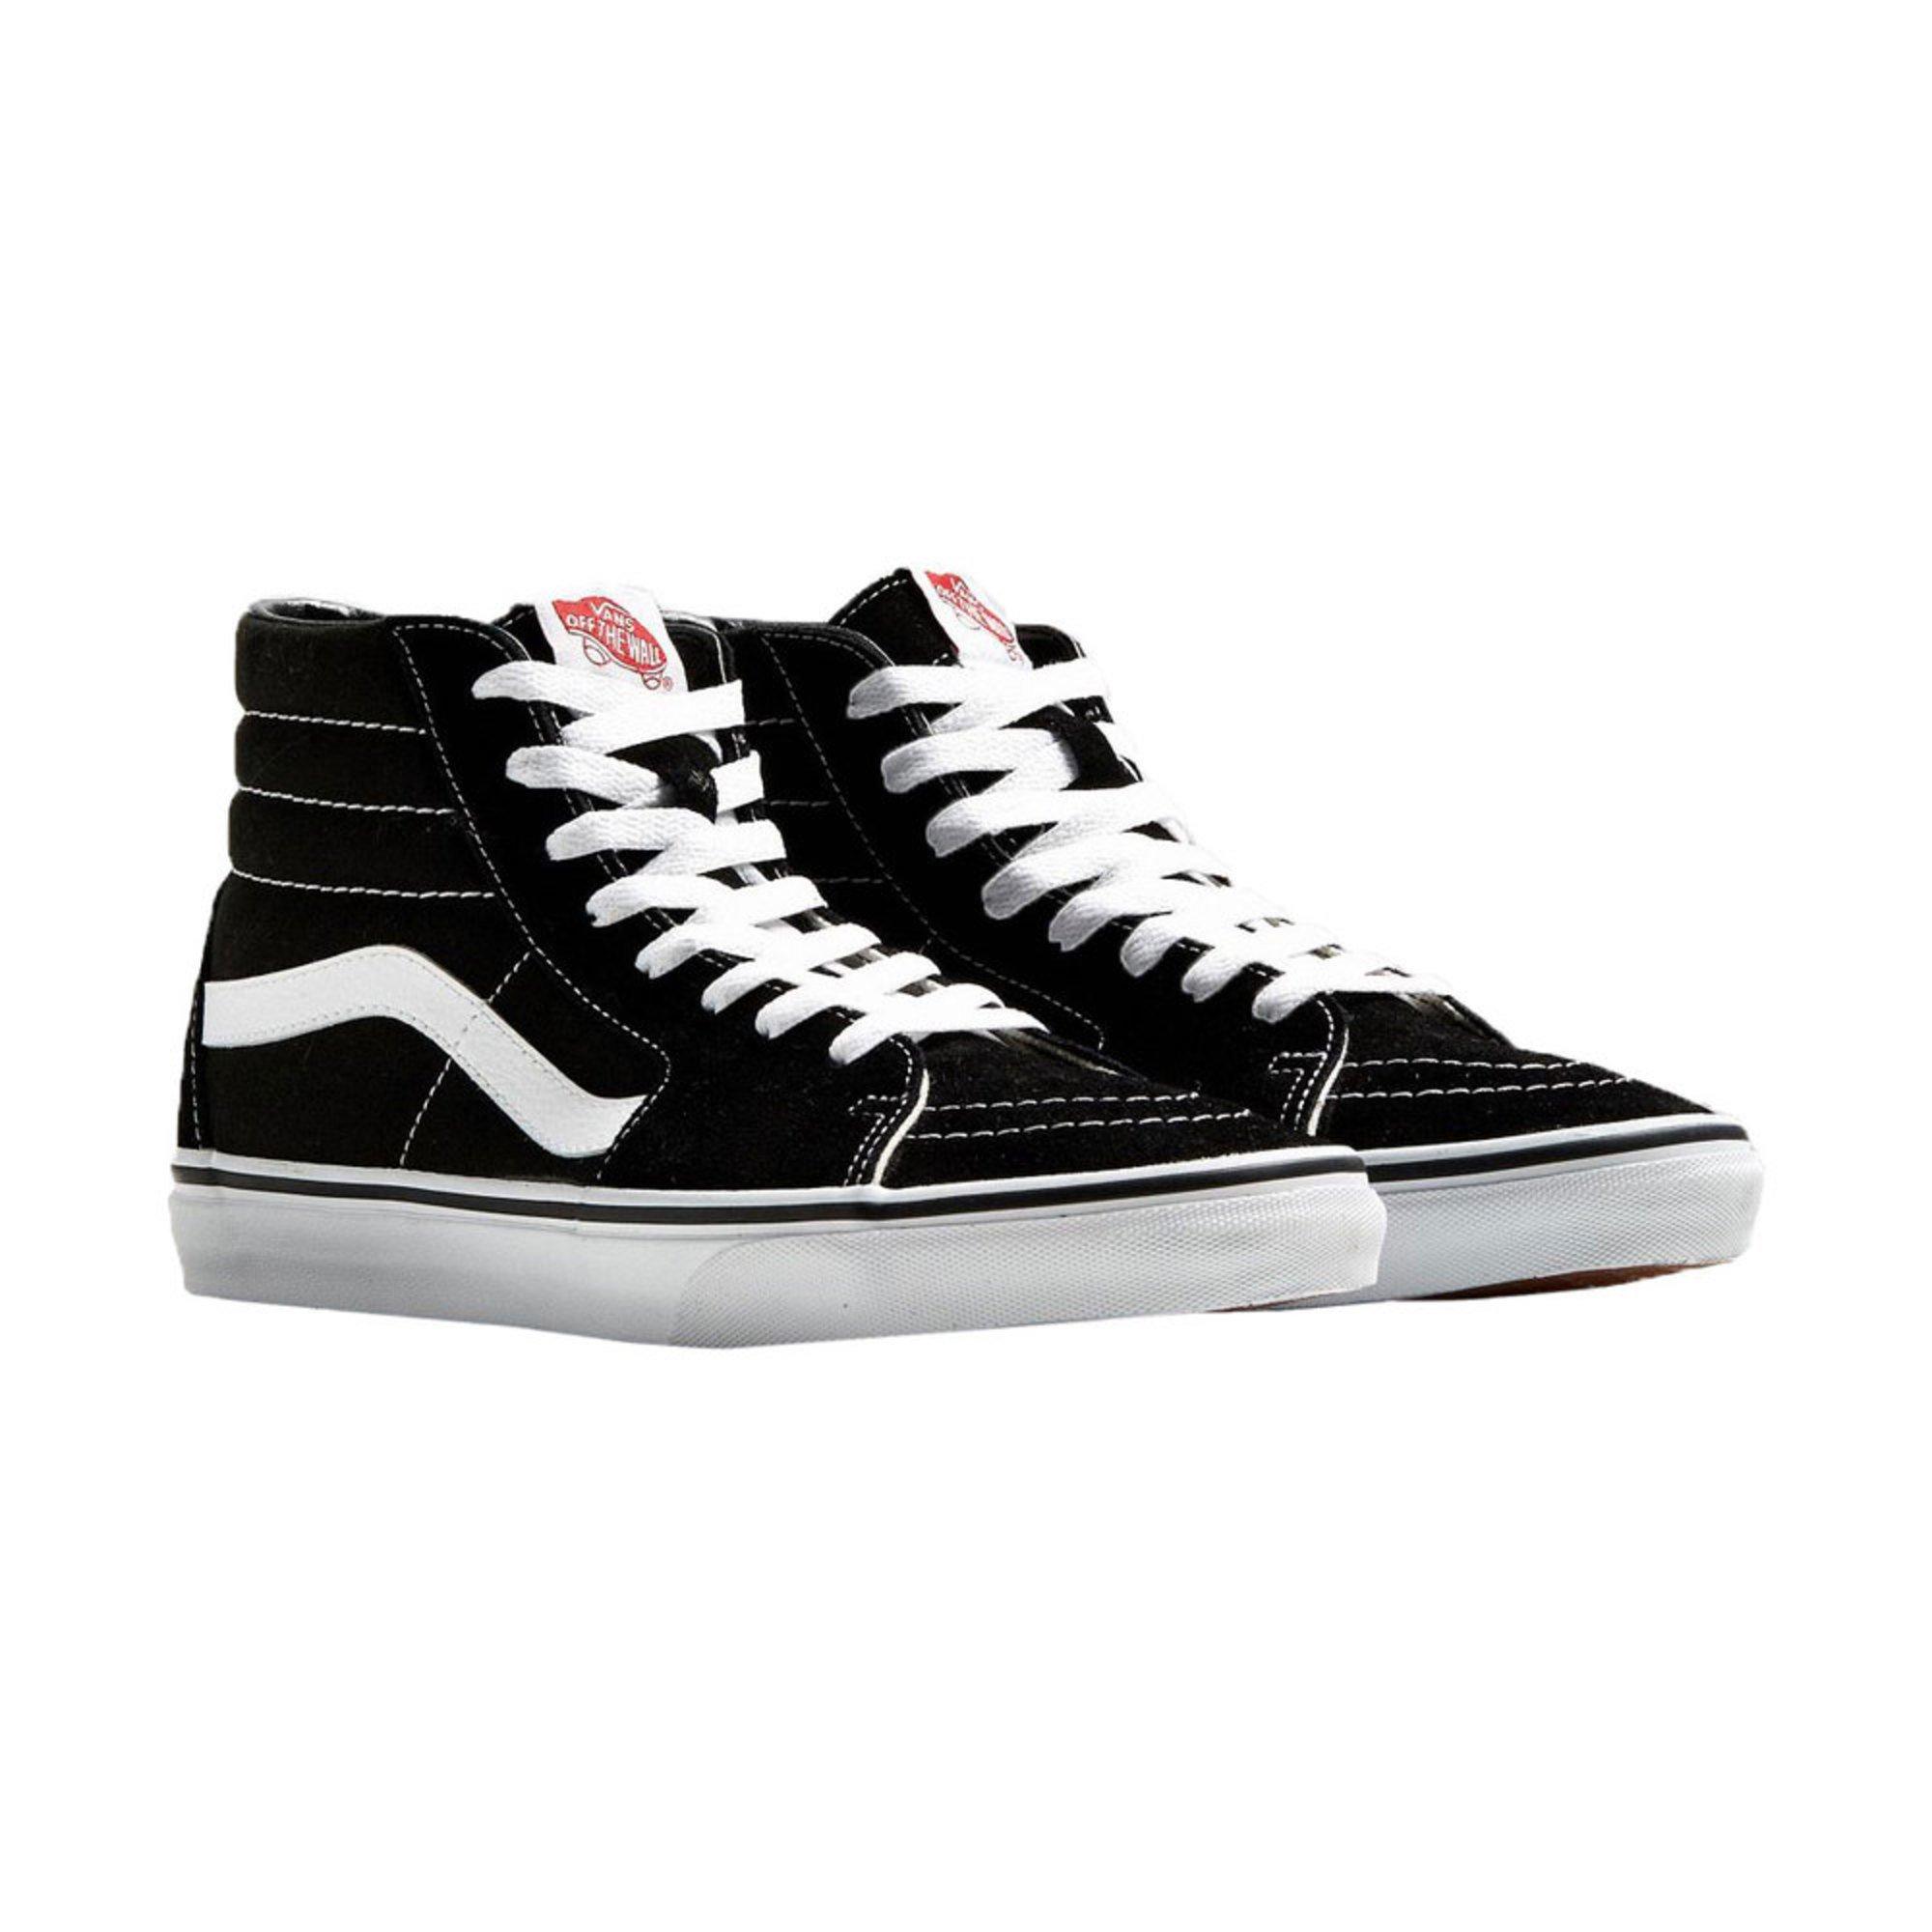 36ff4a4c1261 Vans. Vans Men s SK8-Hi Skate Shoe